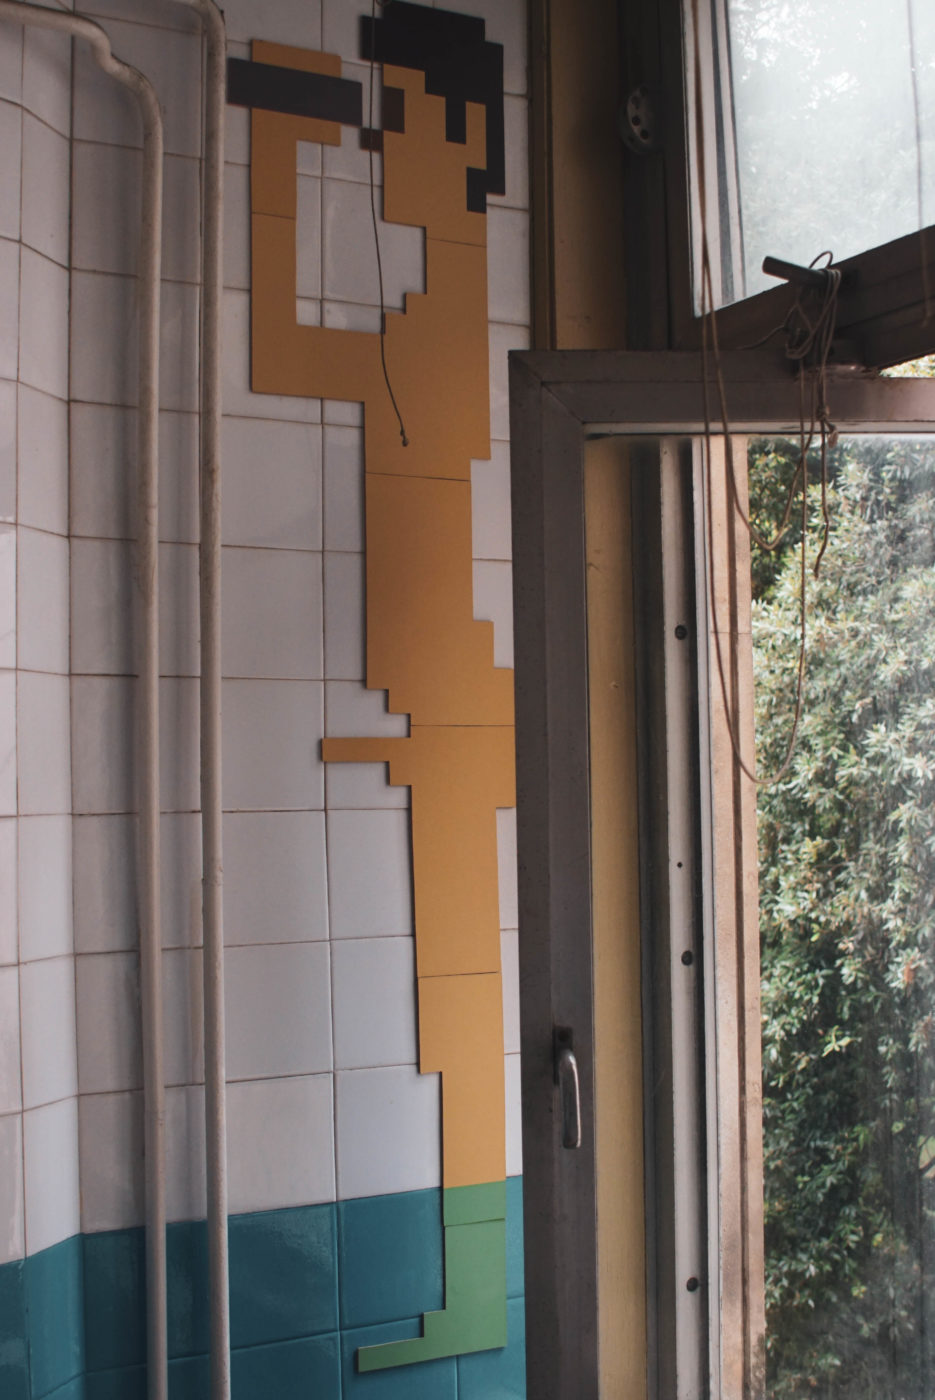 Auf der gekachelten Wand einer Toilette wurden ein Mann aus Holz in Form von Computerpixeln angebracht. Er hält sich ein Fernglas vor dei Augen und sein Penis steht wagrecht von ihm weg